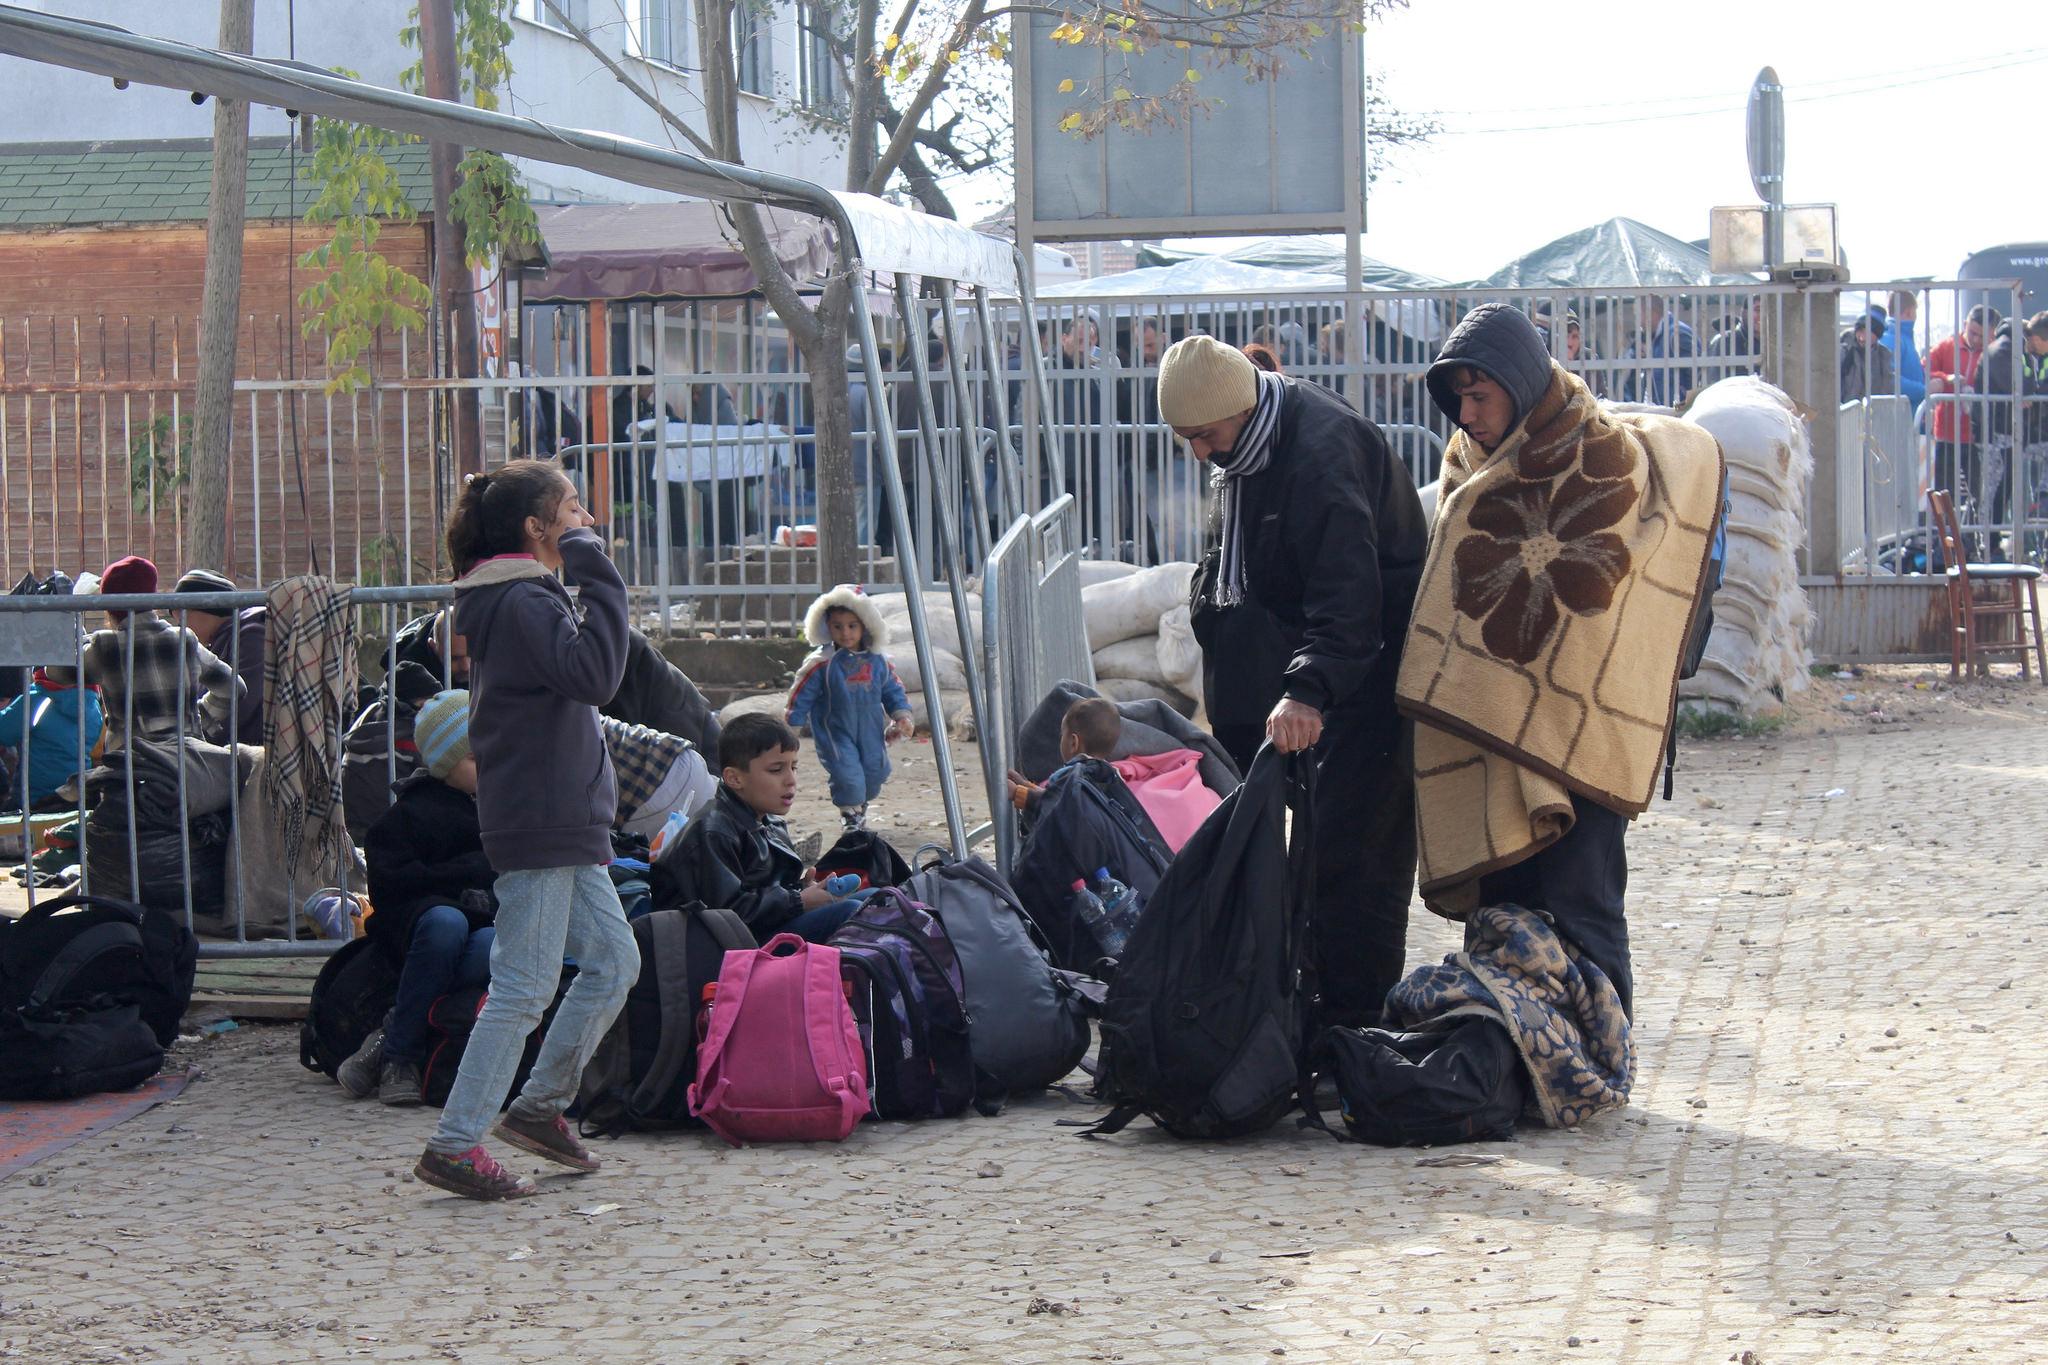 Deutschland droht einen Alleingang in der Flüchtlingskrise an, sollte es nicht zu einer Einigung in Brüssel kommen.